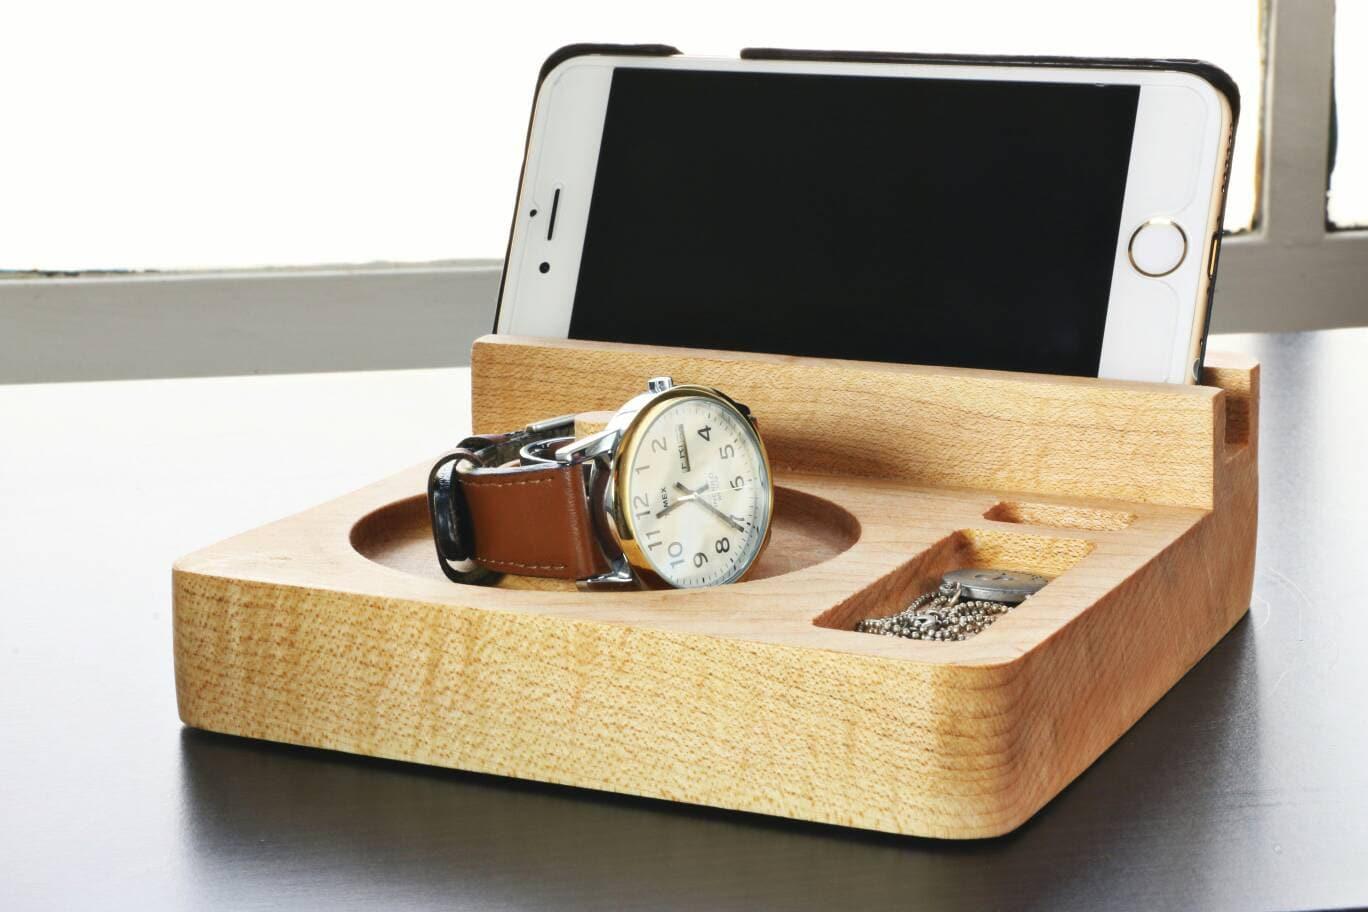 Minimalist Nightstand Organizer Nightstand Organizer Docking Station Iphone Docking Station Iphone Charging Station